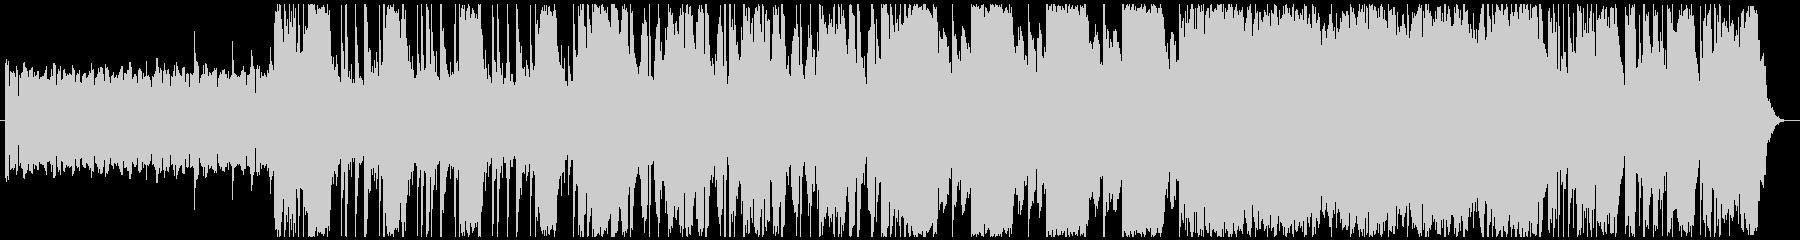 洋画で悪者が登場するシーンの曲-60秒の未再生の波形